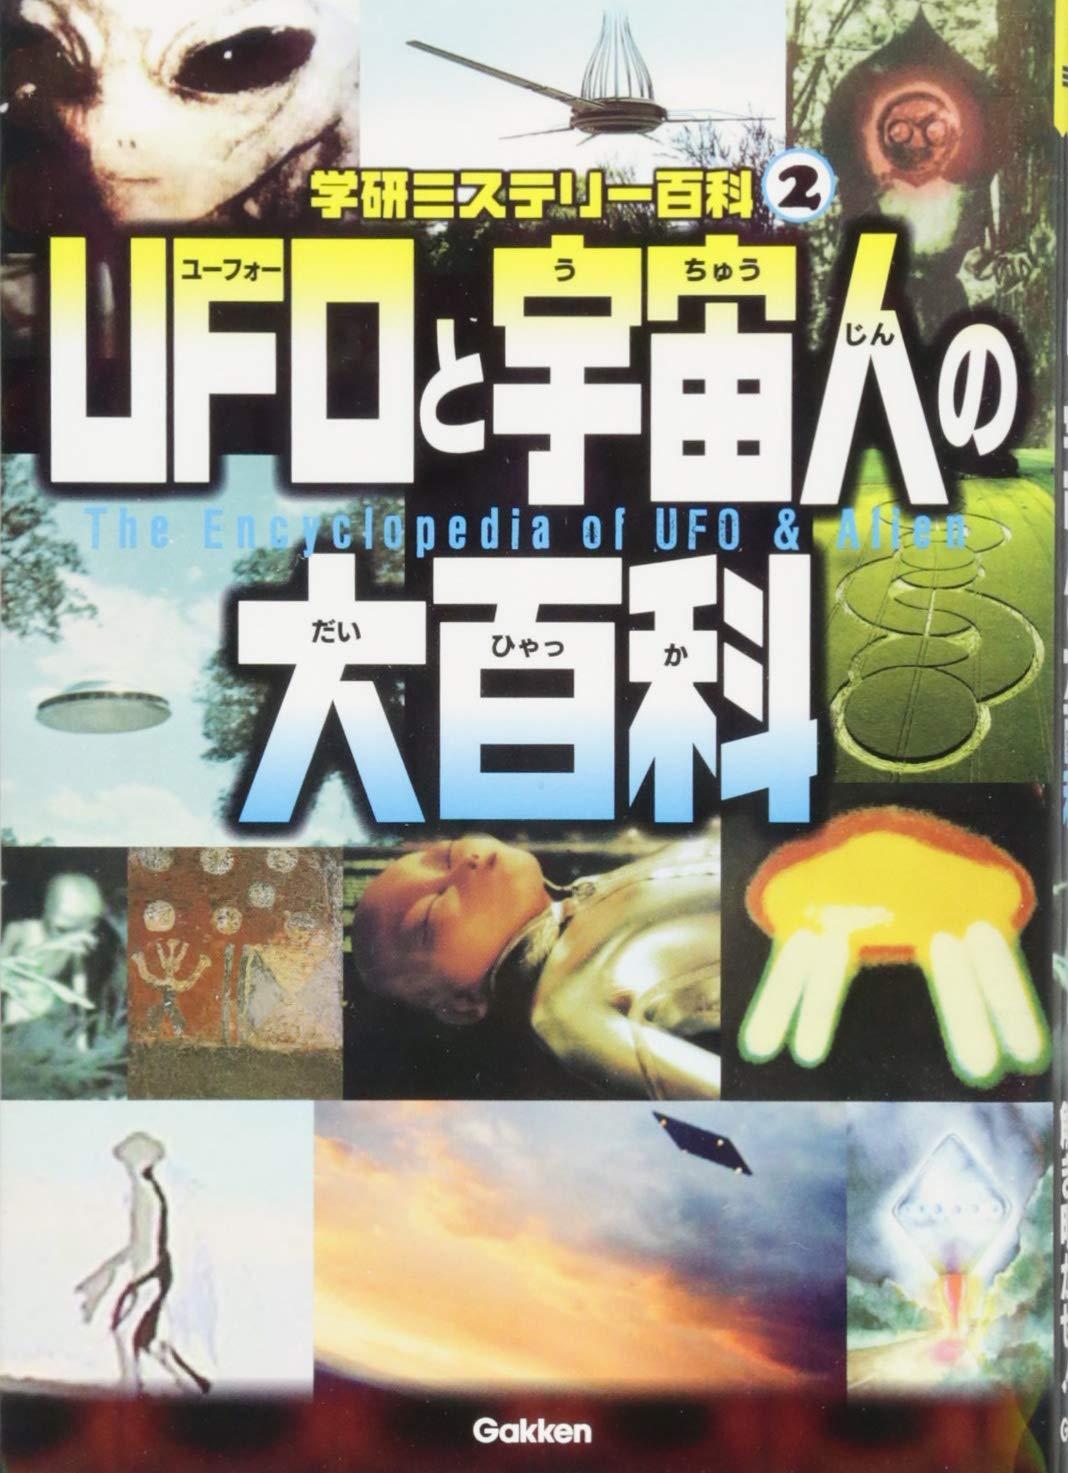 Ufo 夢 占い 《夢占い》夢の中にUFOが出てきた時のメッセージを解読!